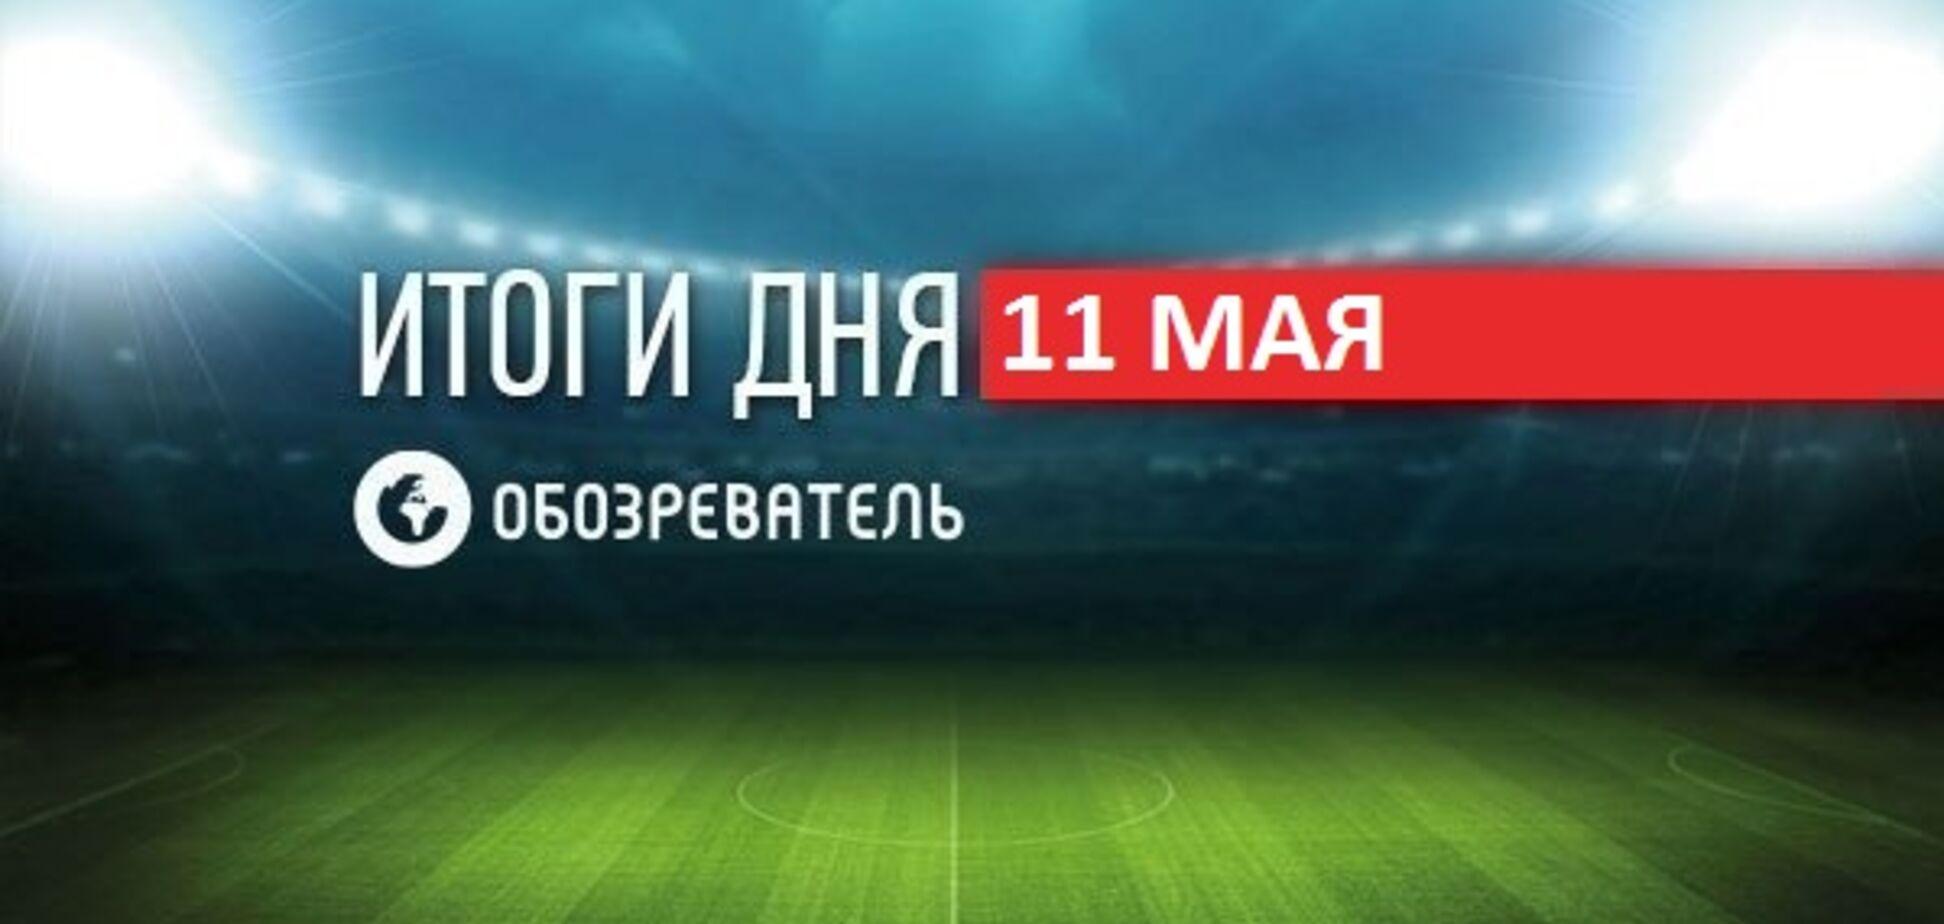 Усик відповів на виклик чемпіона України: спортивні підсумки 11 травня